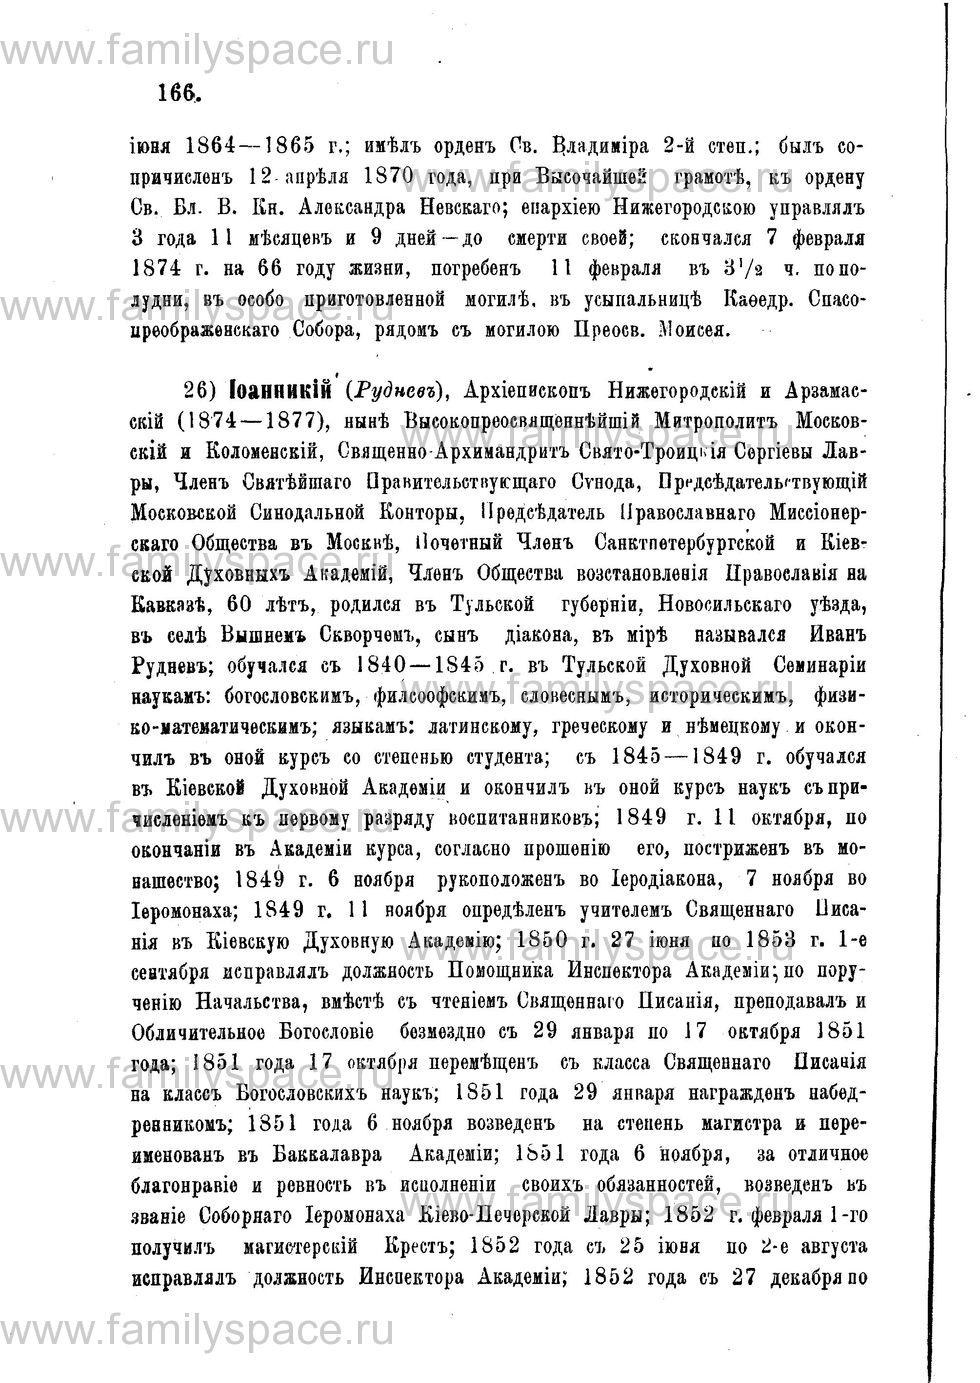 Поиск по фамилии - Адрес-календарь Нижегородской епархии на 1888 год, страница 1166